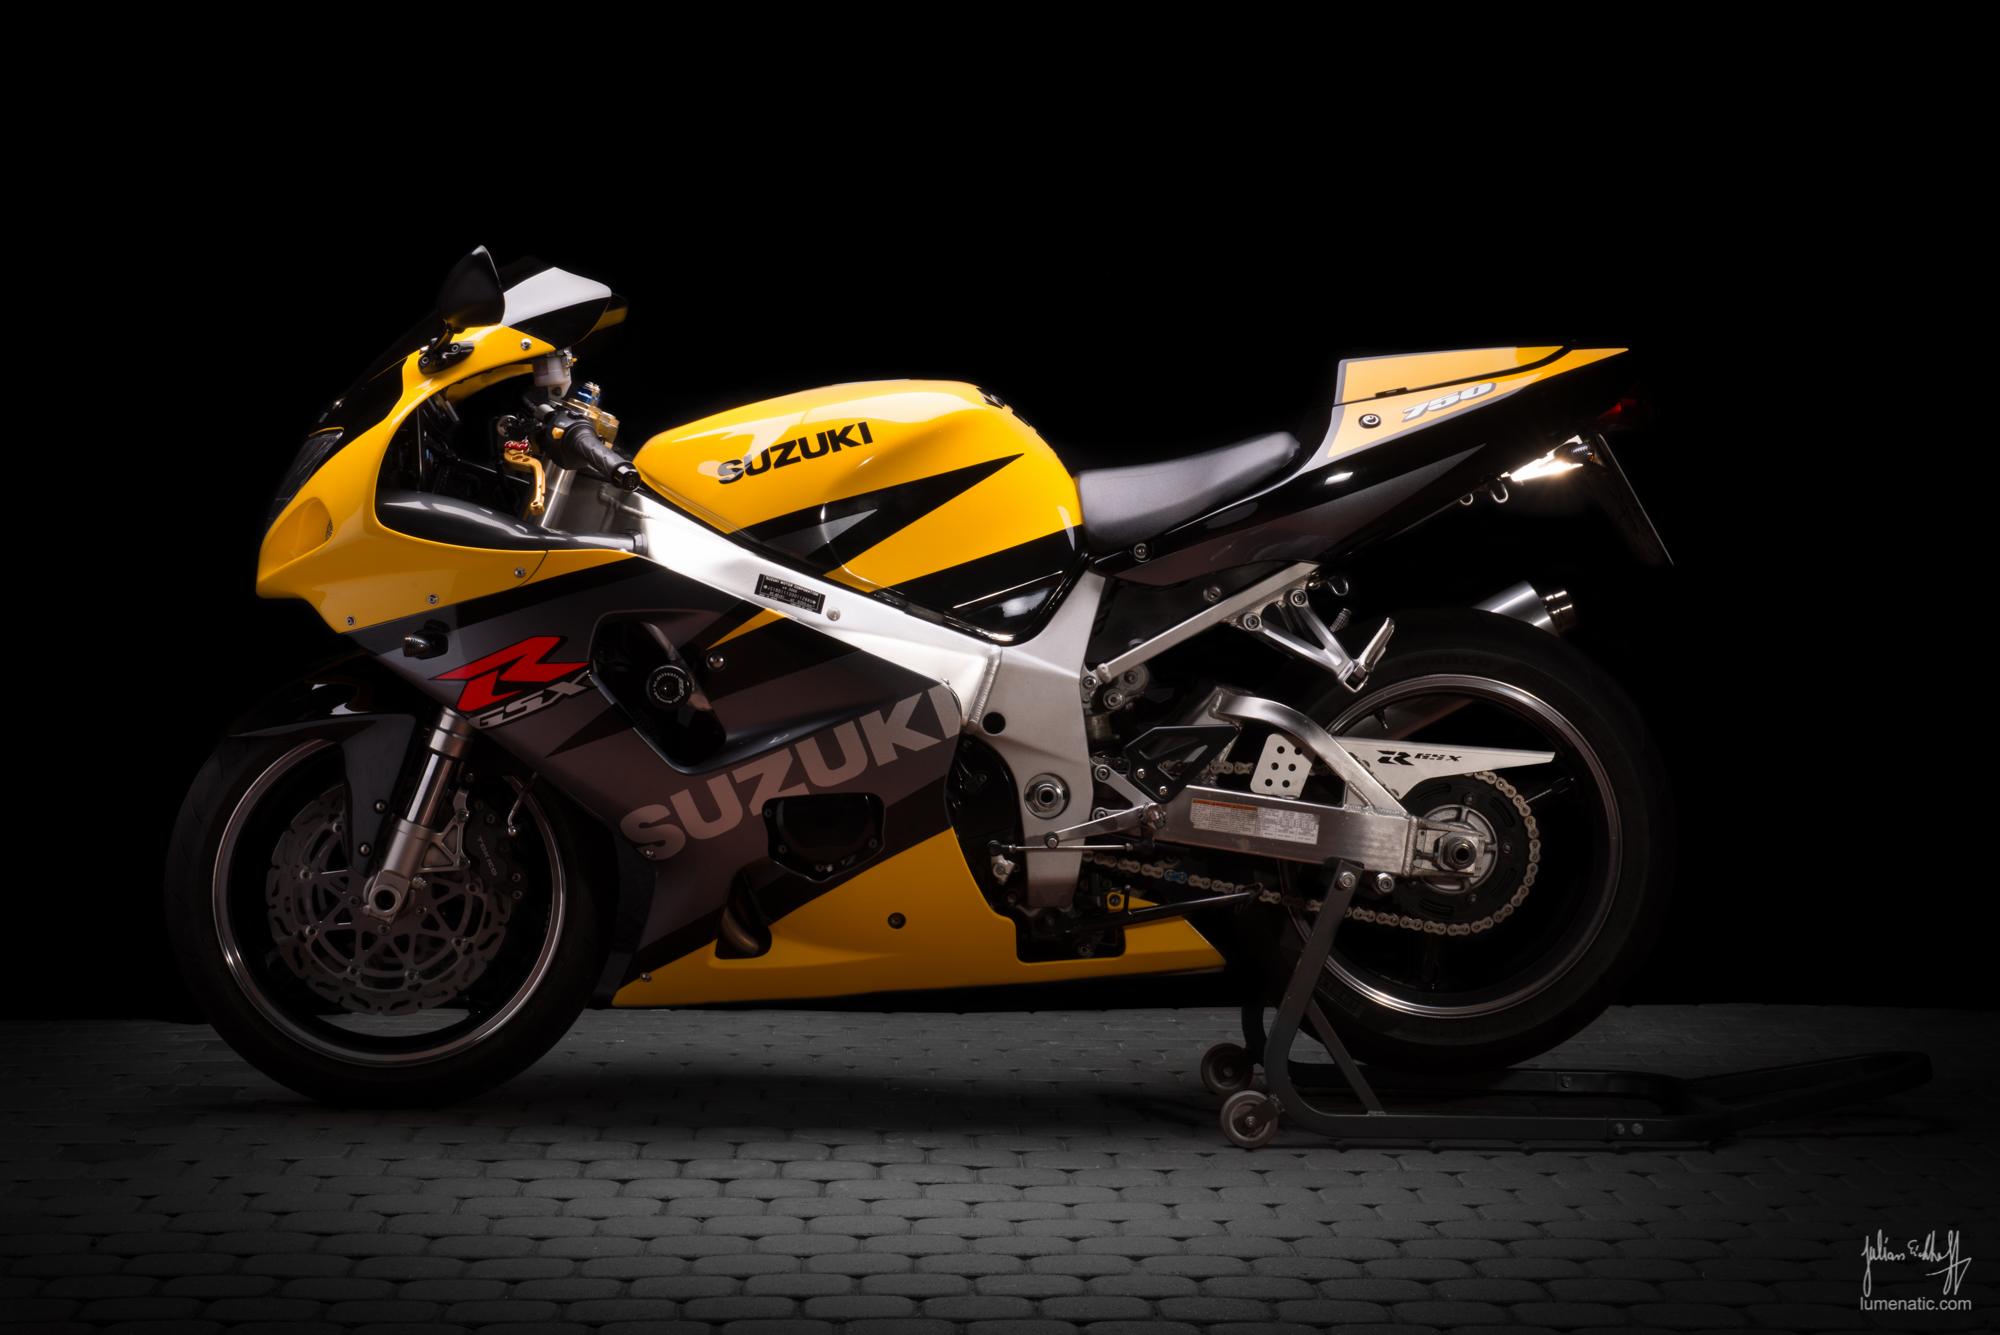 Motorbike Photography again: Suzuki GSX-R 750